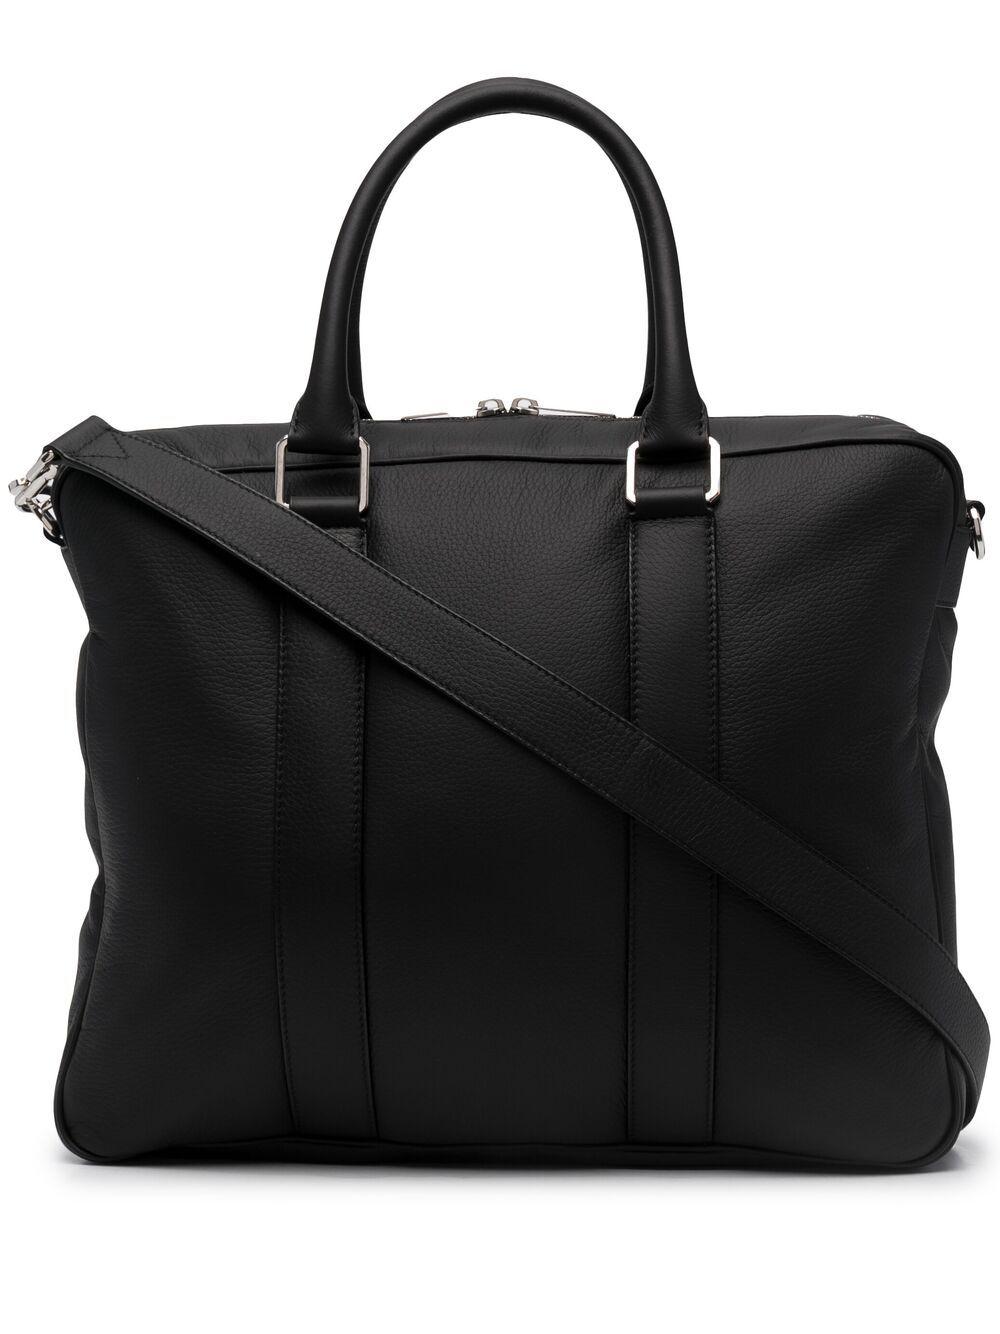 Bottega Veneta double-handle leather briefcase - Schwarz